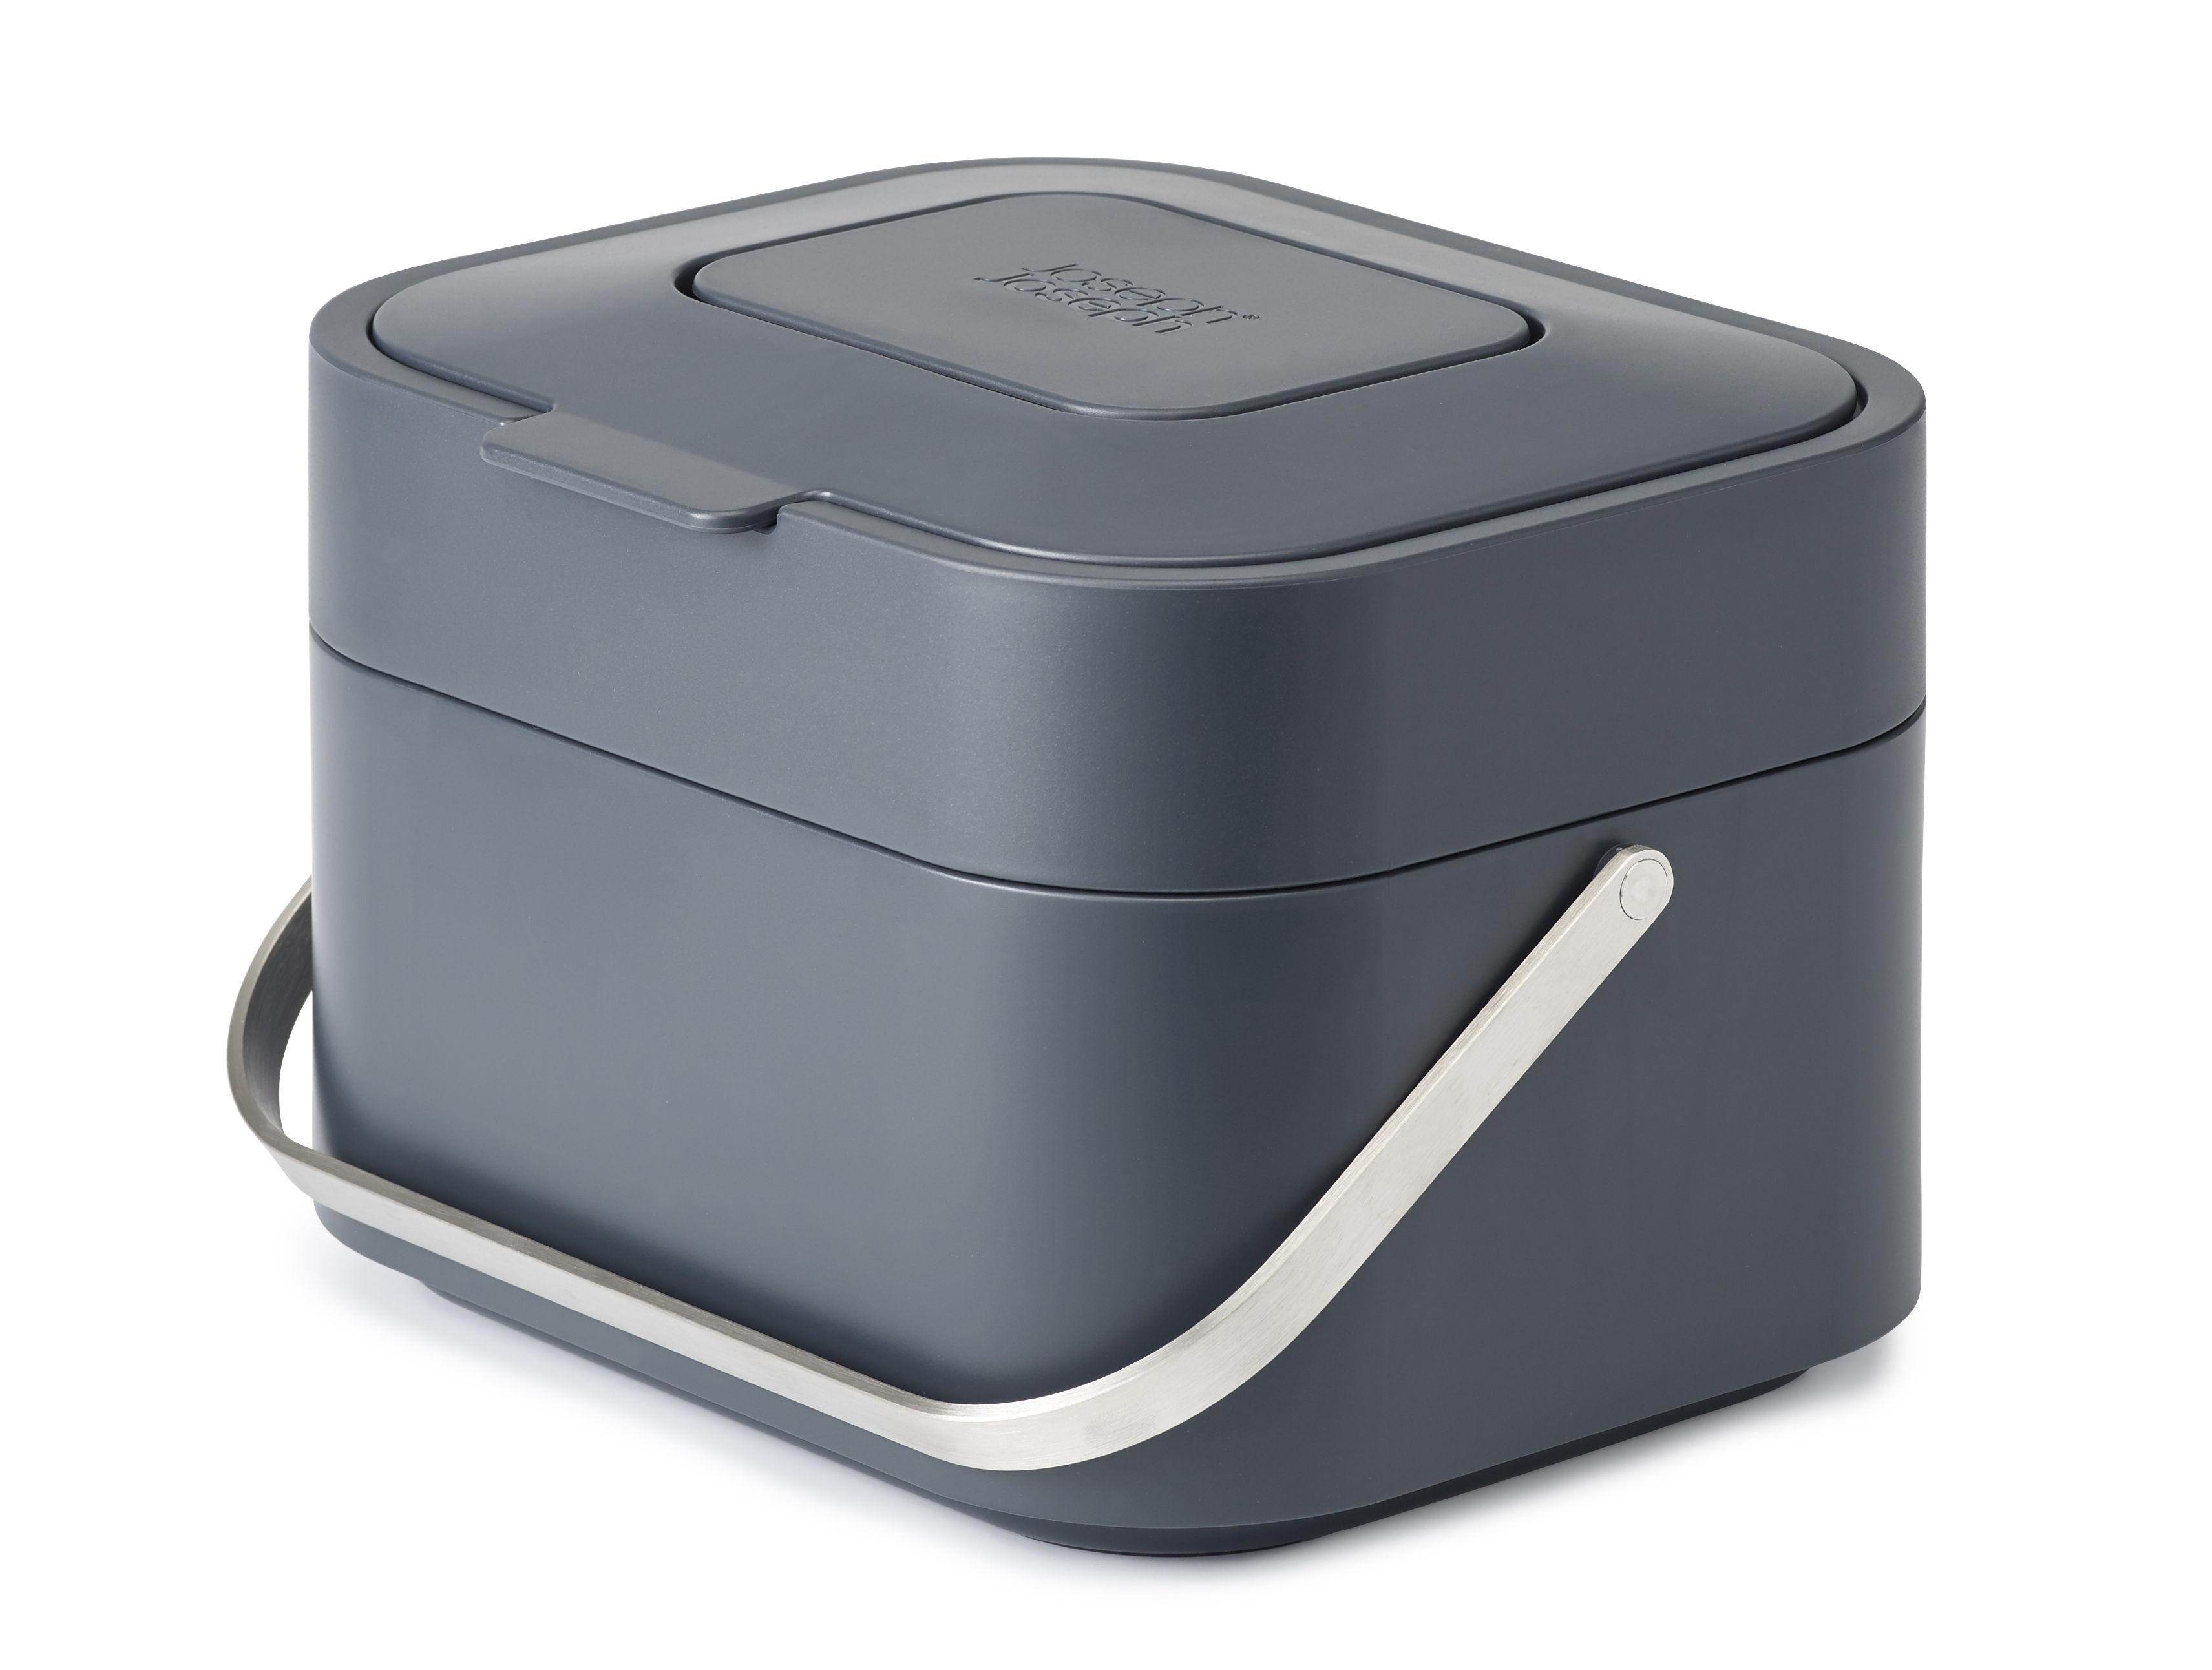 poubelle de tri stack 4 litres pour d chets organiques filtre anti odeurs anthracite. Black Bedroom Furniture Sets. Home Design Ideas